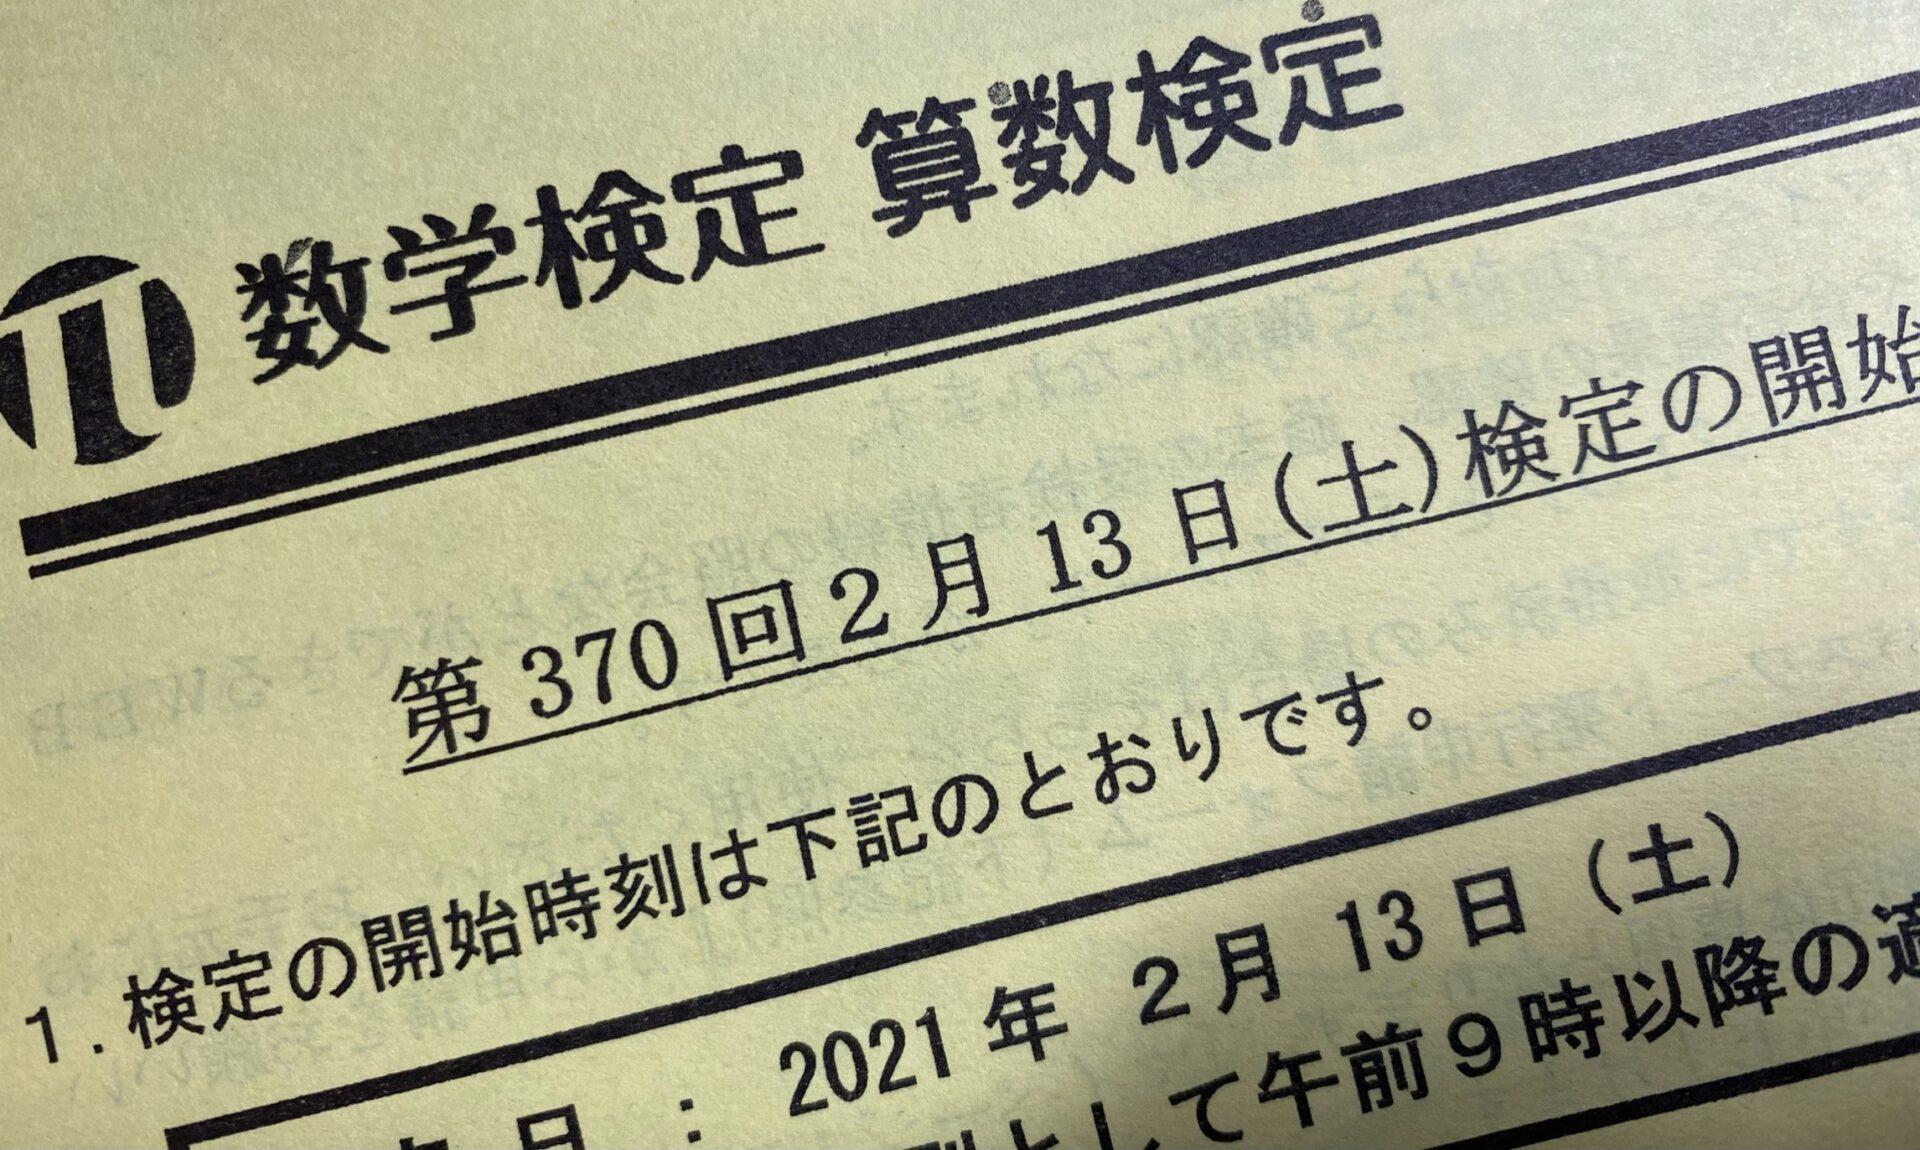 第370回算数検定・数学検定